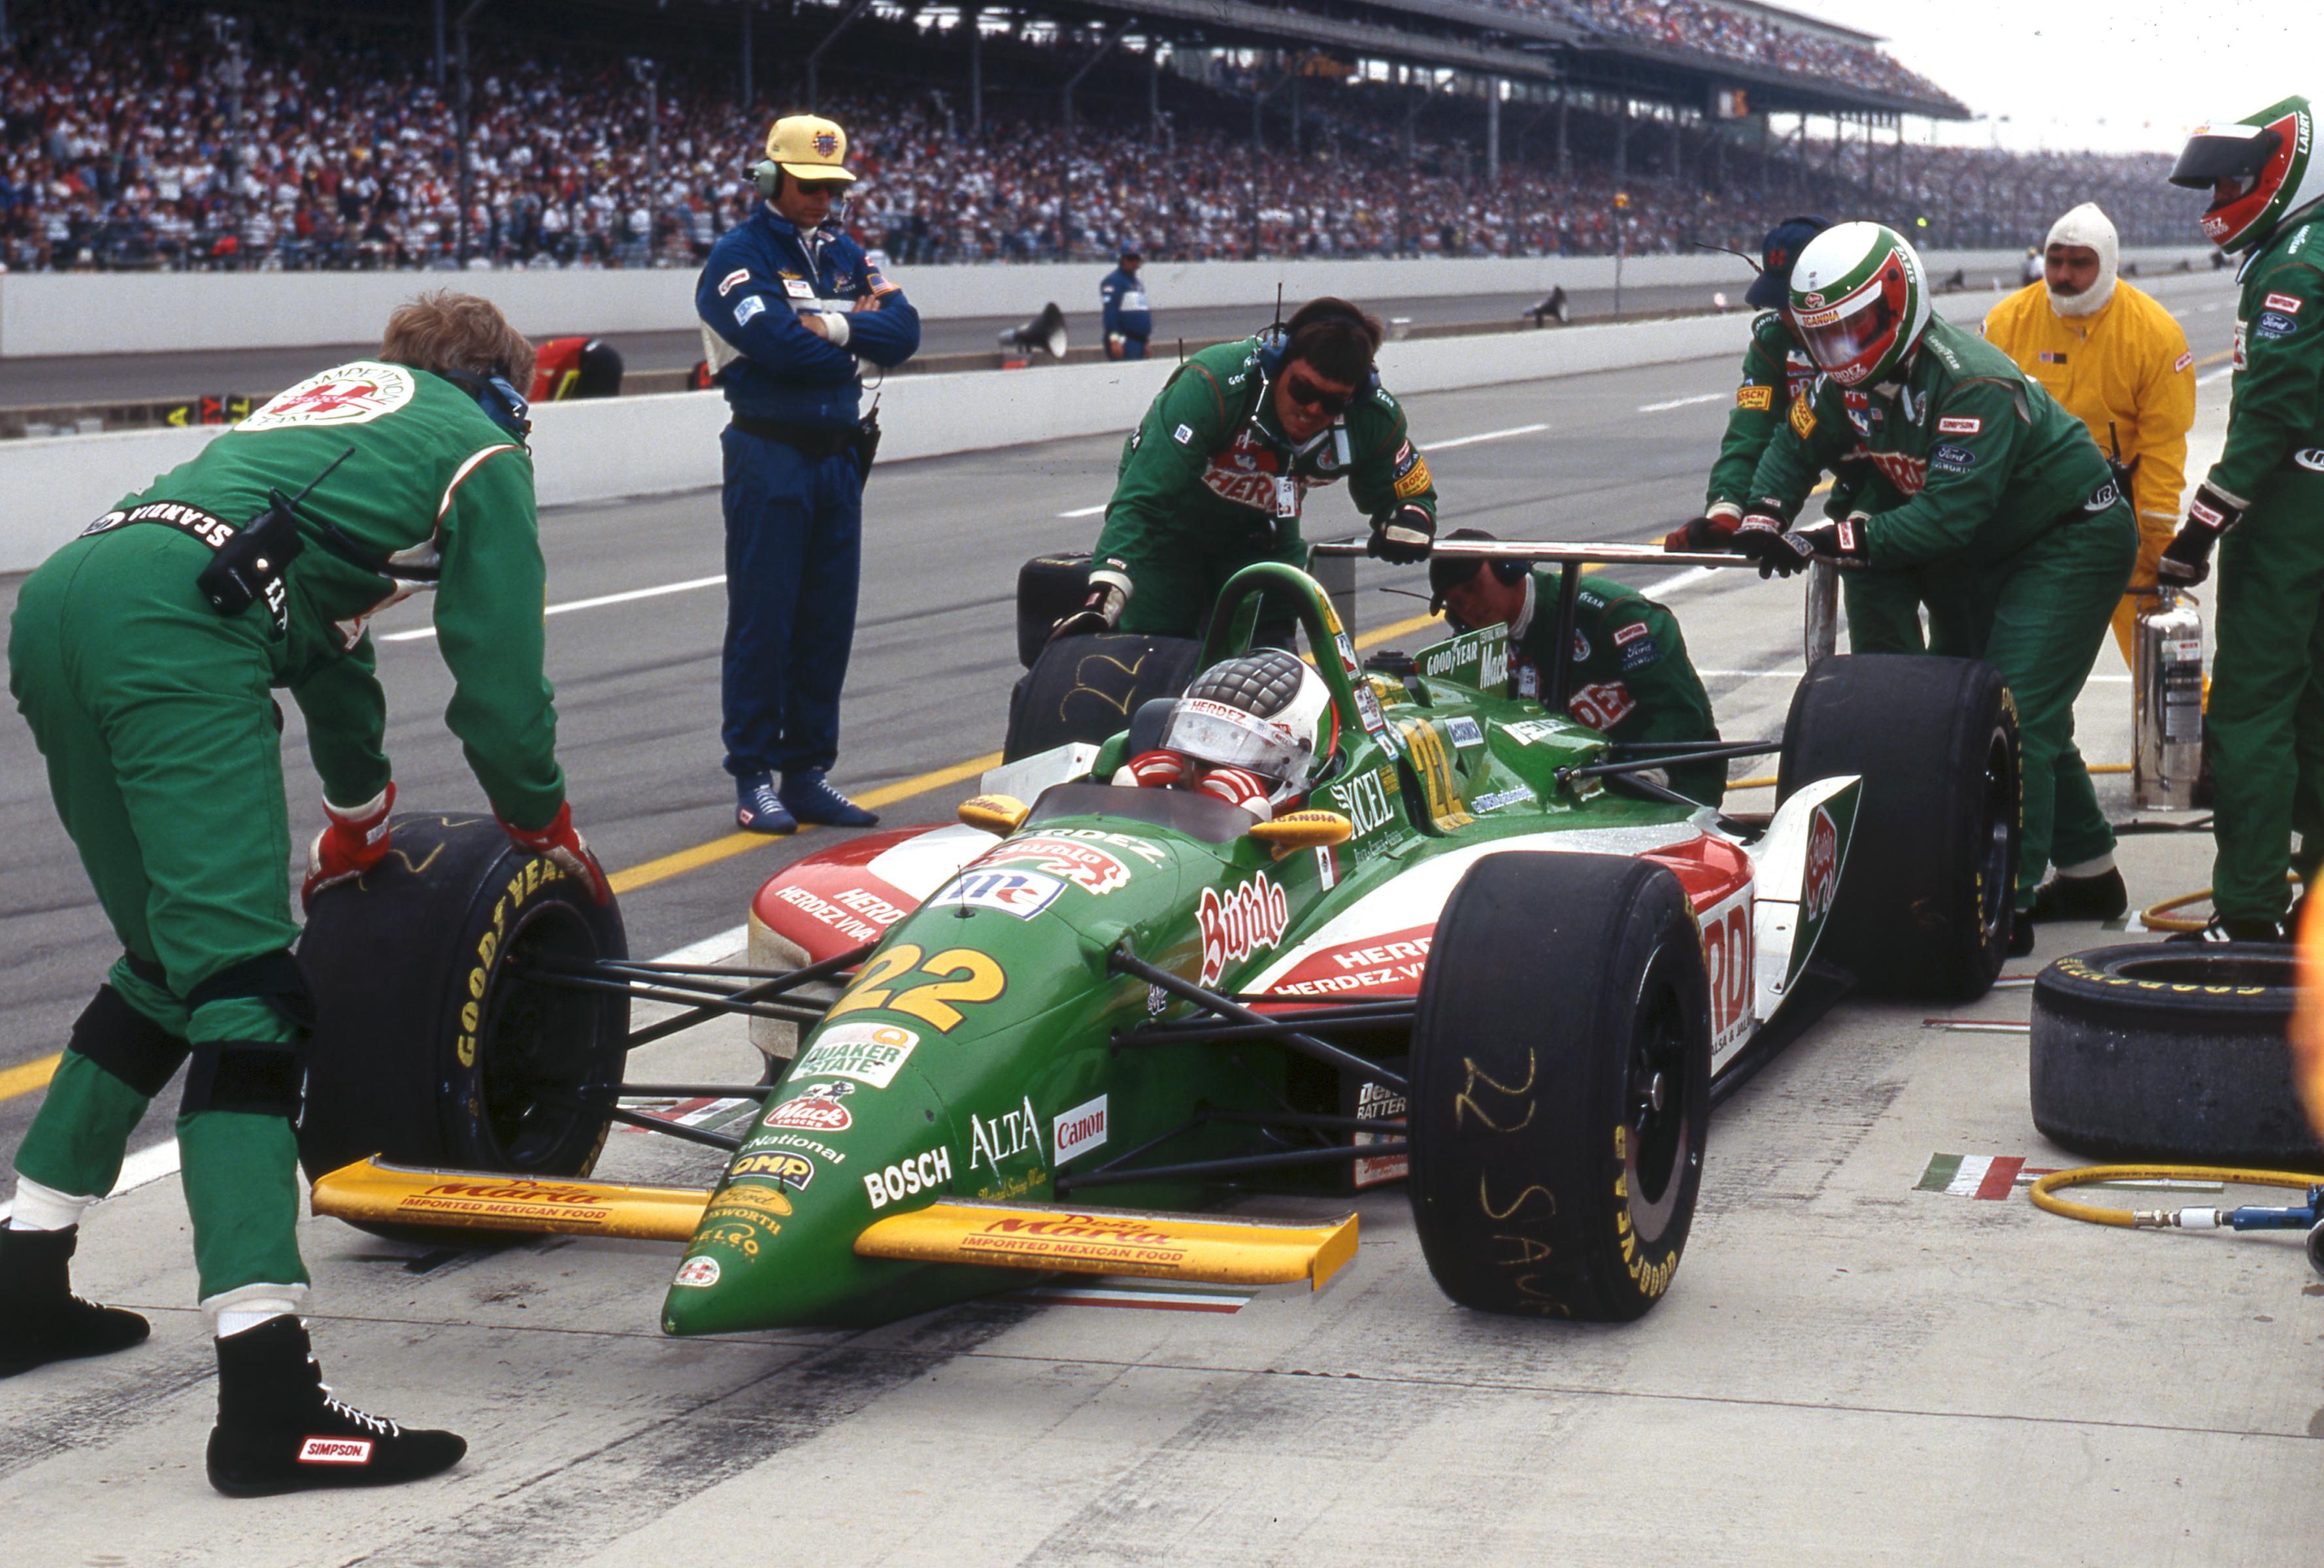 1996 Car22 Michel Jourdain Pitstop